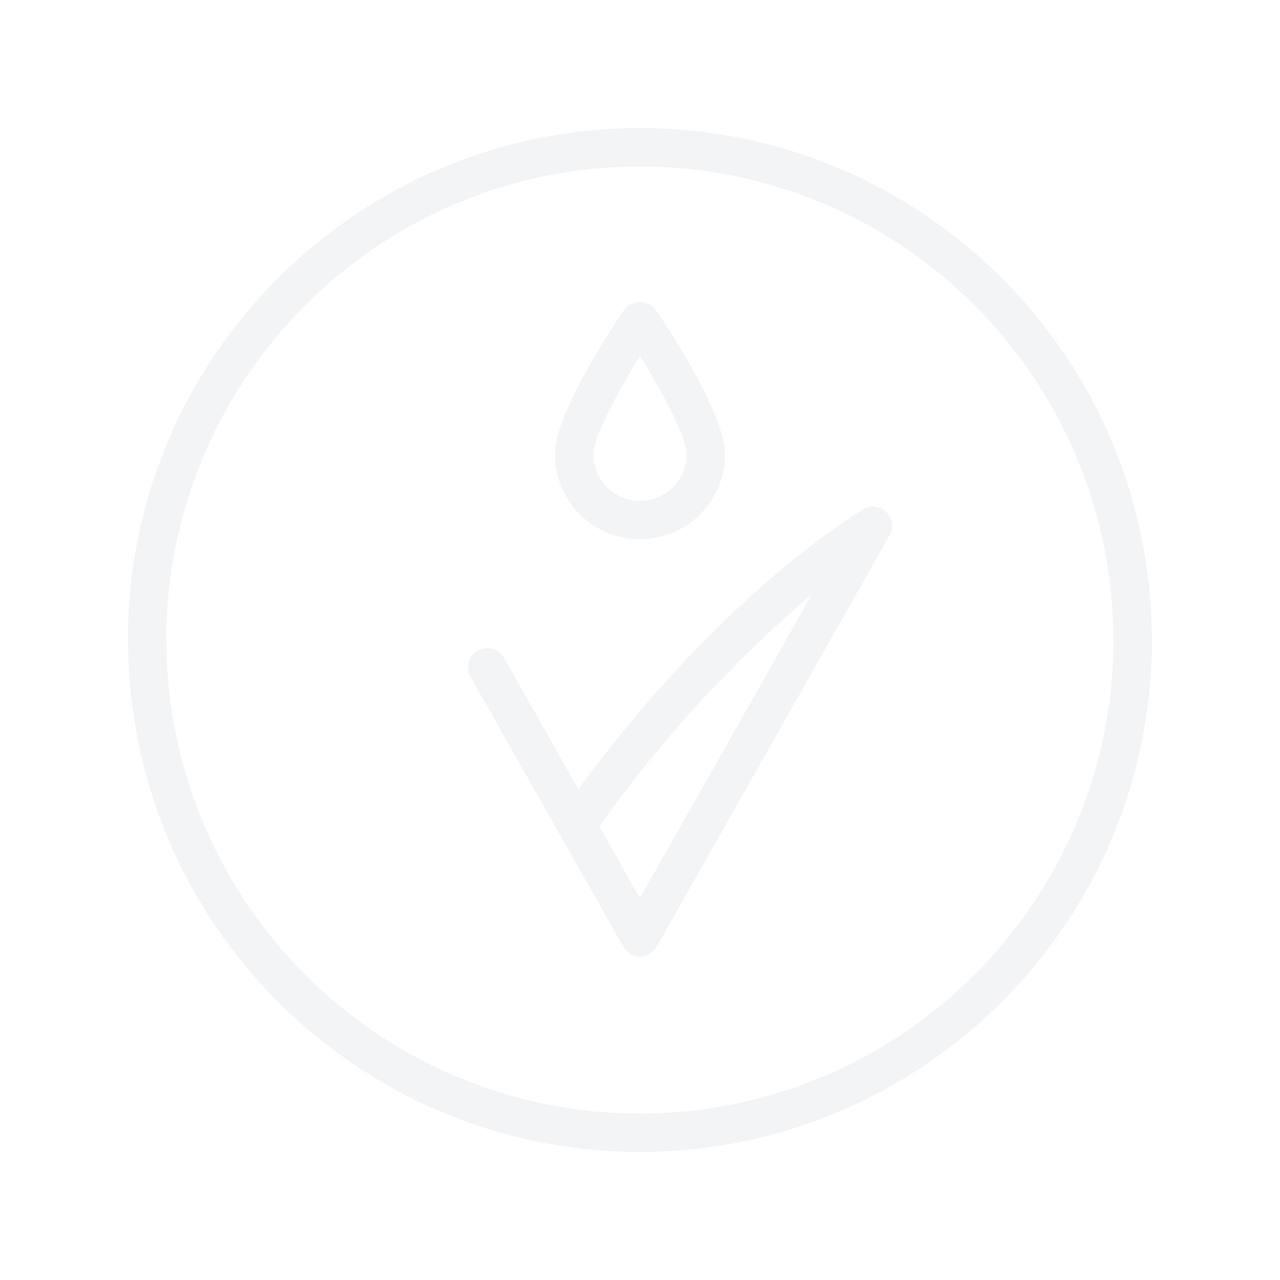 Clarins Crayon Sourcils Eyebrow Pencil 1.1g